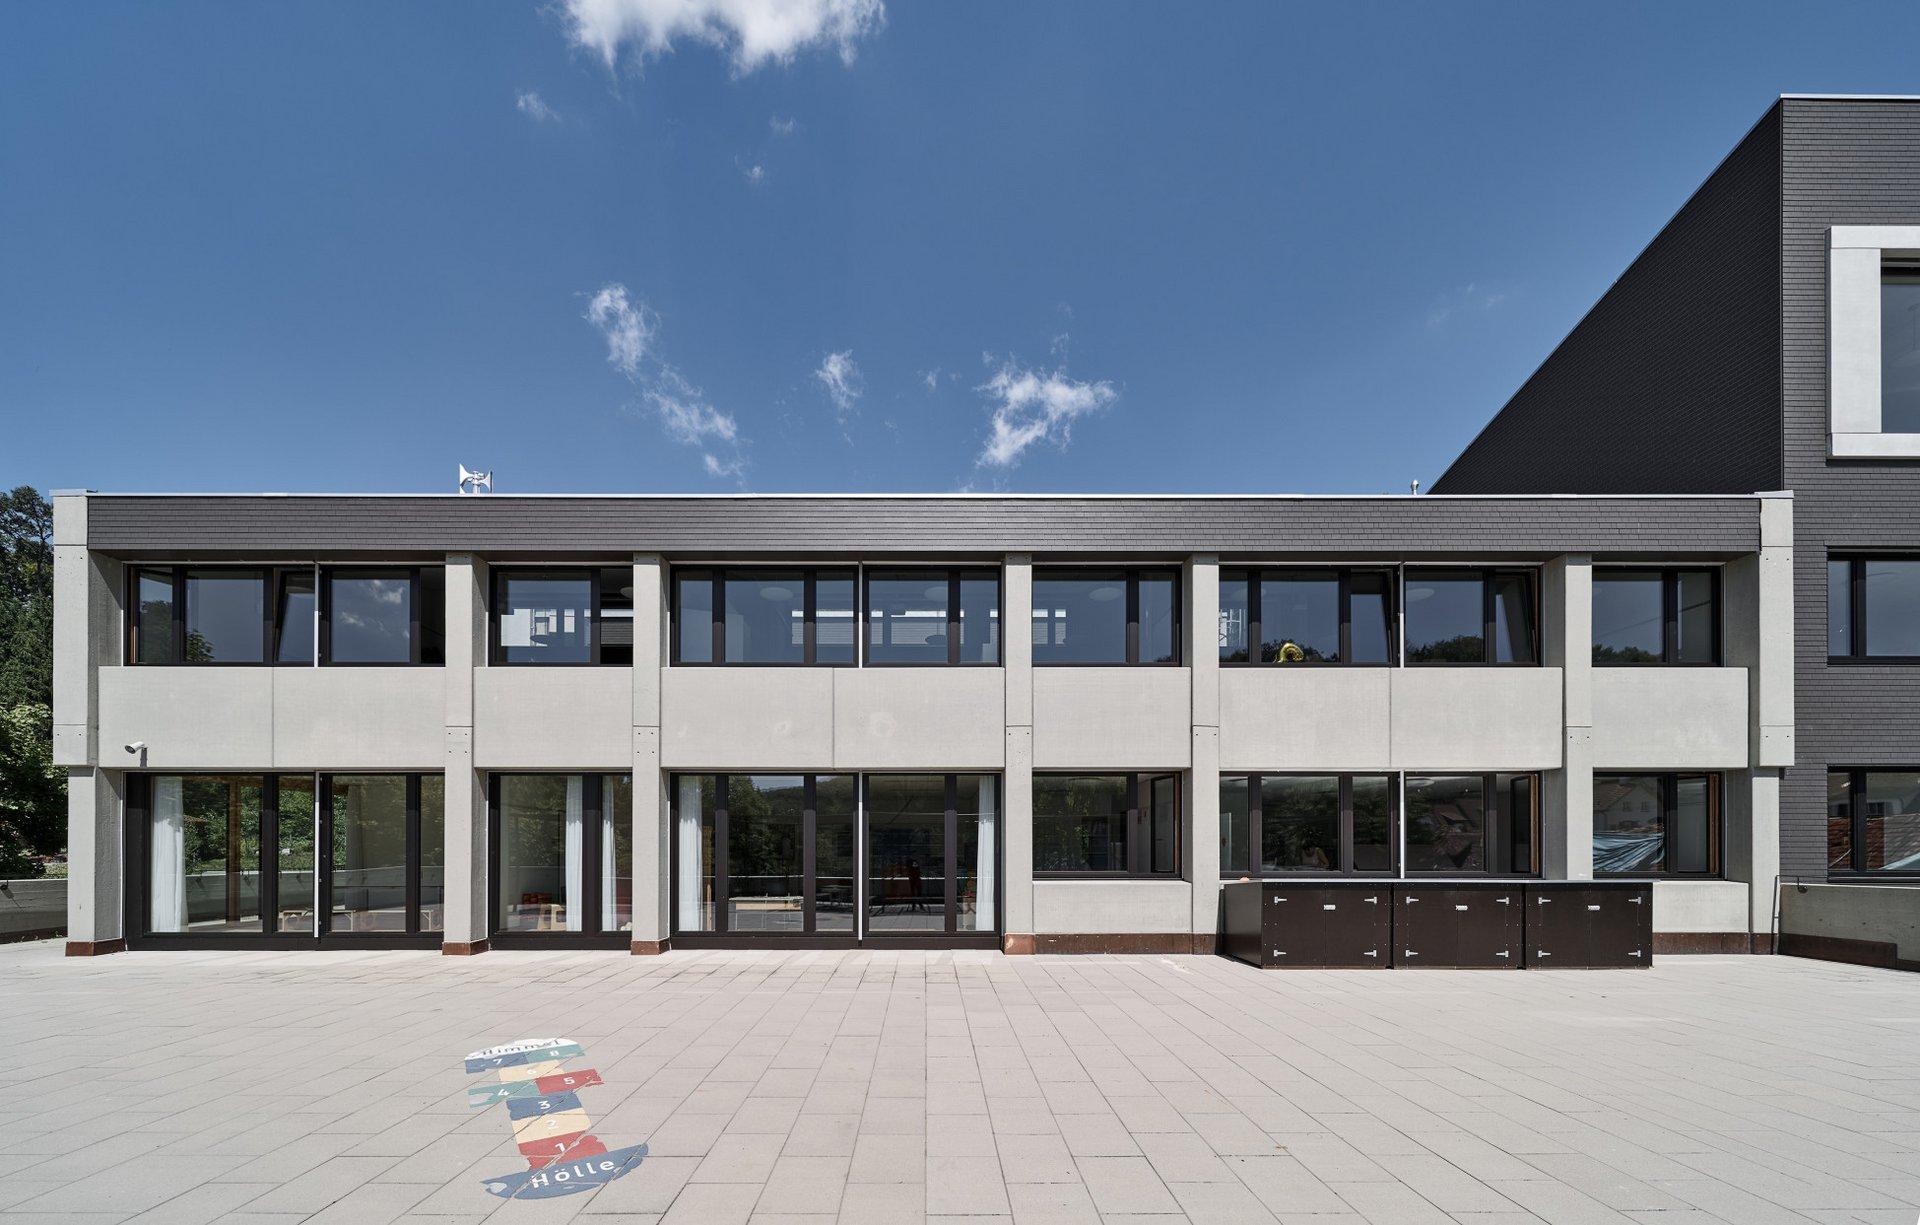 Blick auf ein zweistöckiges Schulgebäude mit Beton Elementen und schwarzem Holzdach